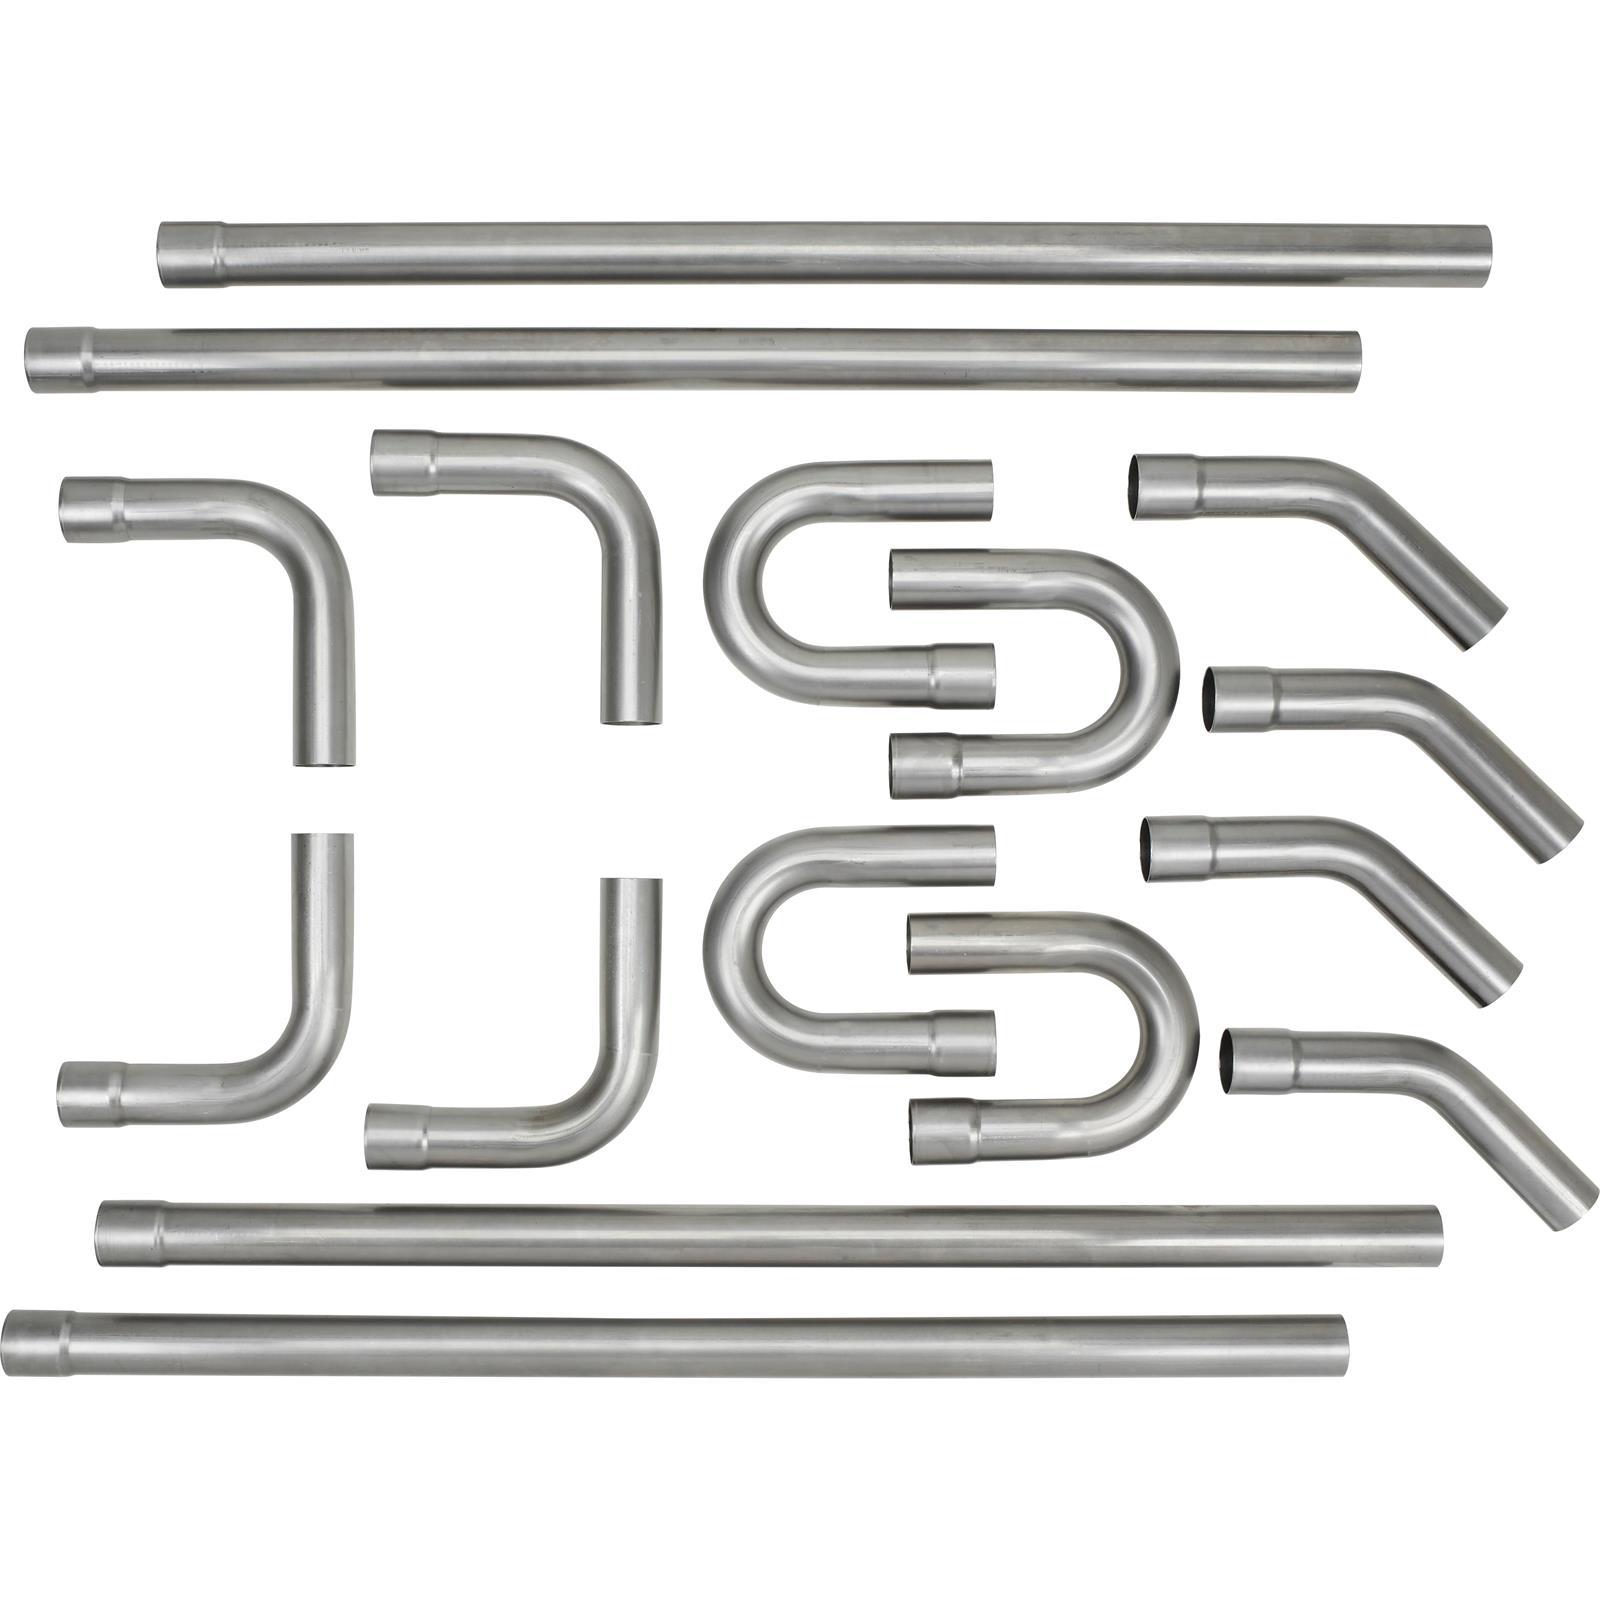 universal mild steel dual exhaust mandrel bend kit 3 inch